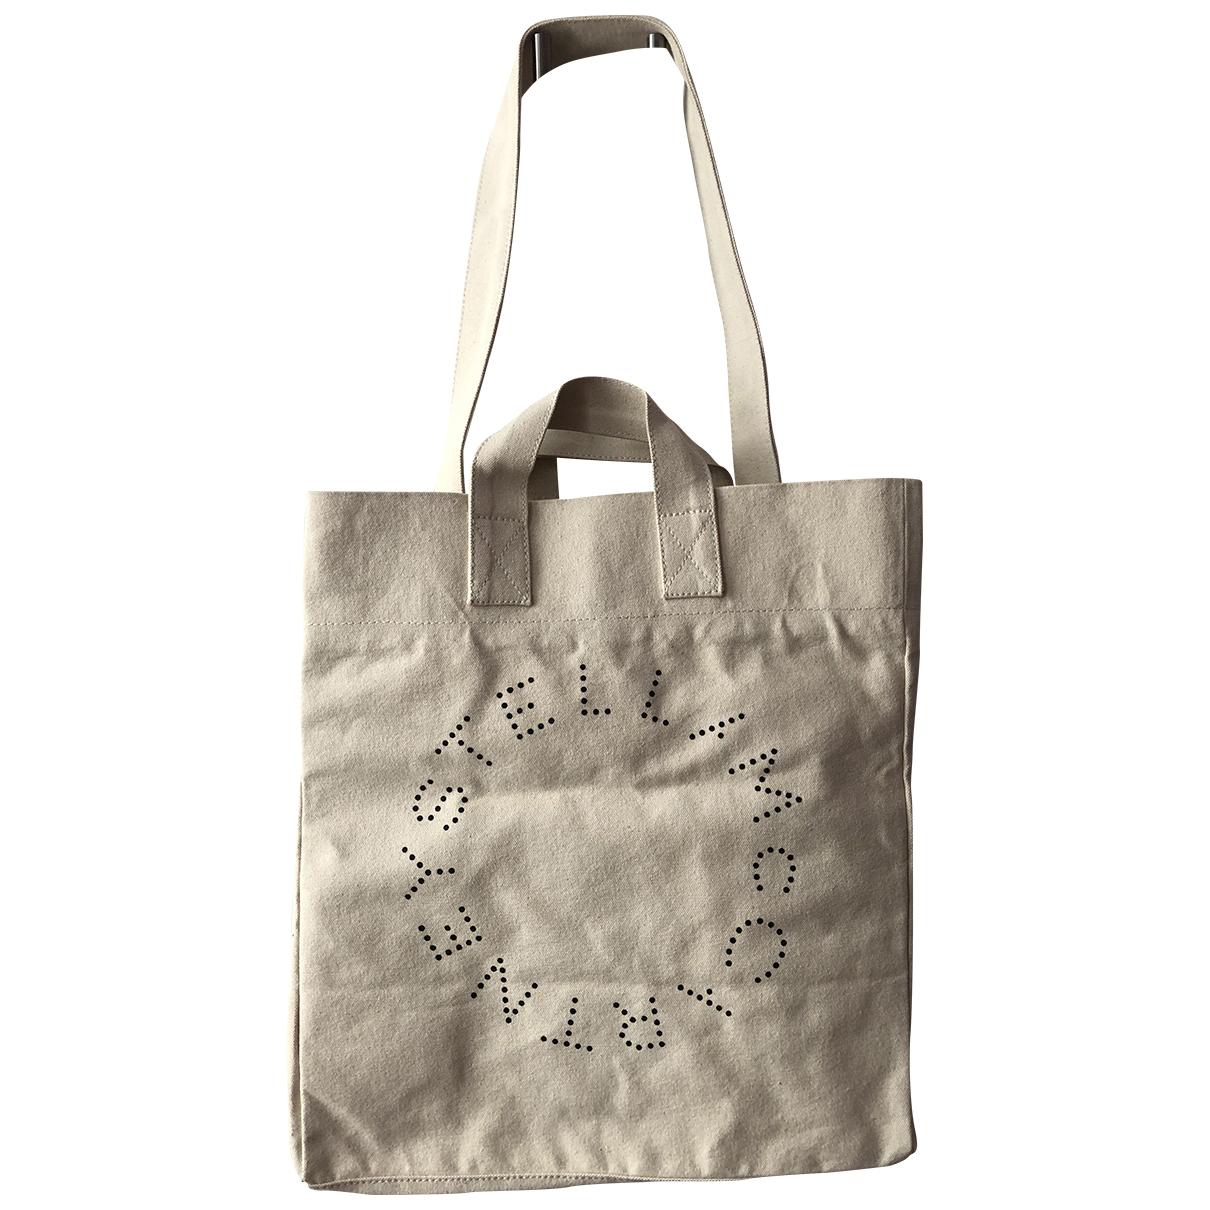 Stella Mccartney \N Ecru Cotton handbag for Women \N